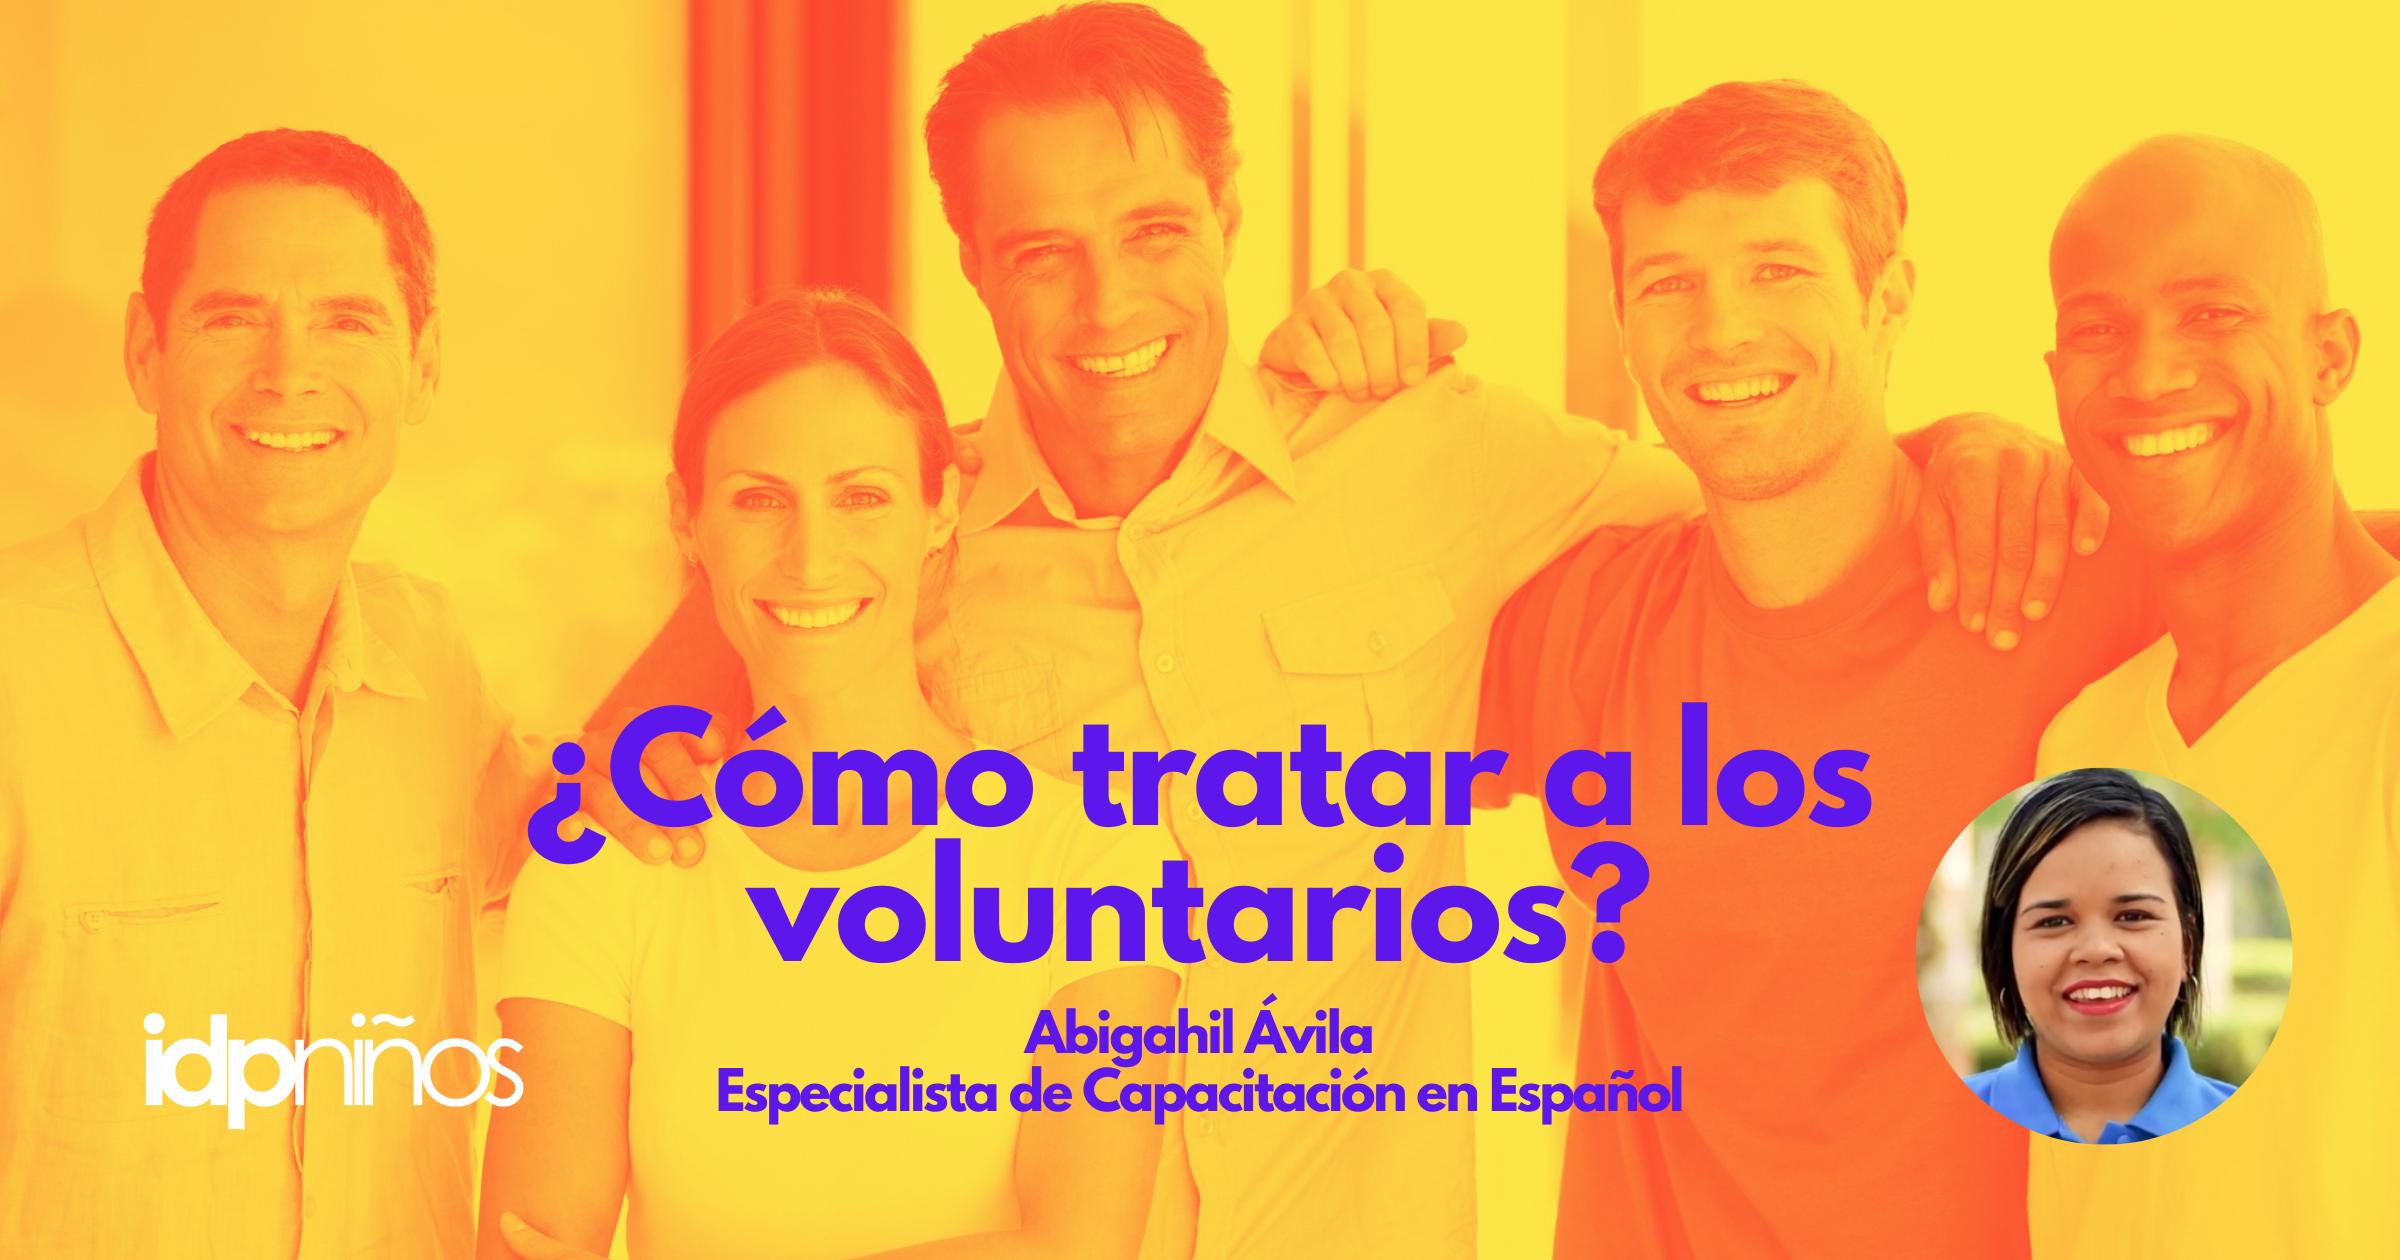 ¿Cómo tratar a los voluntarios?